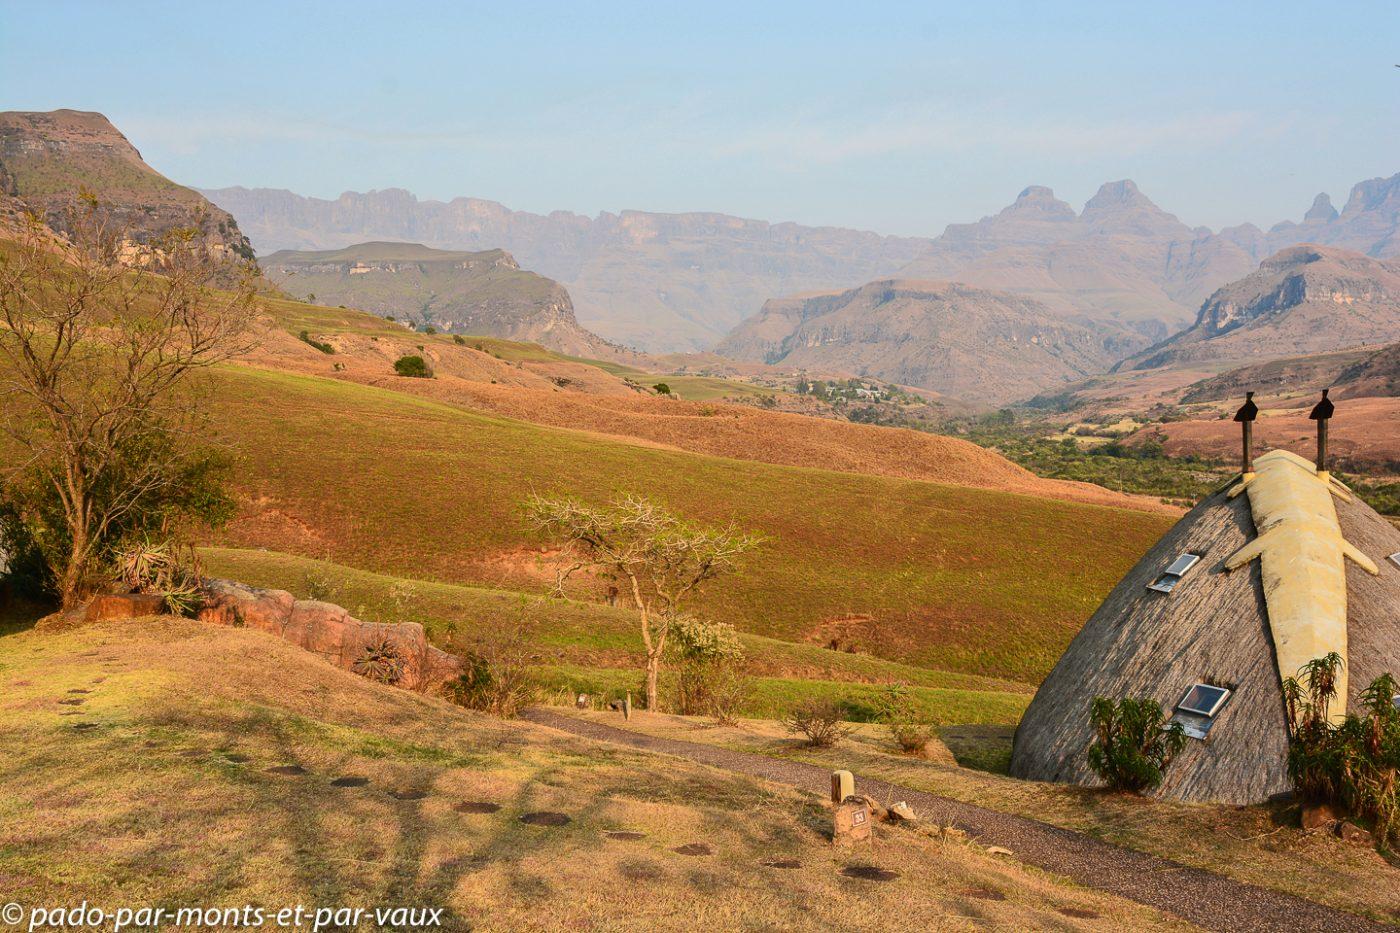 Drakensberg didima camp